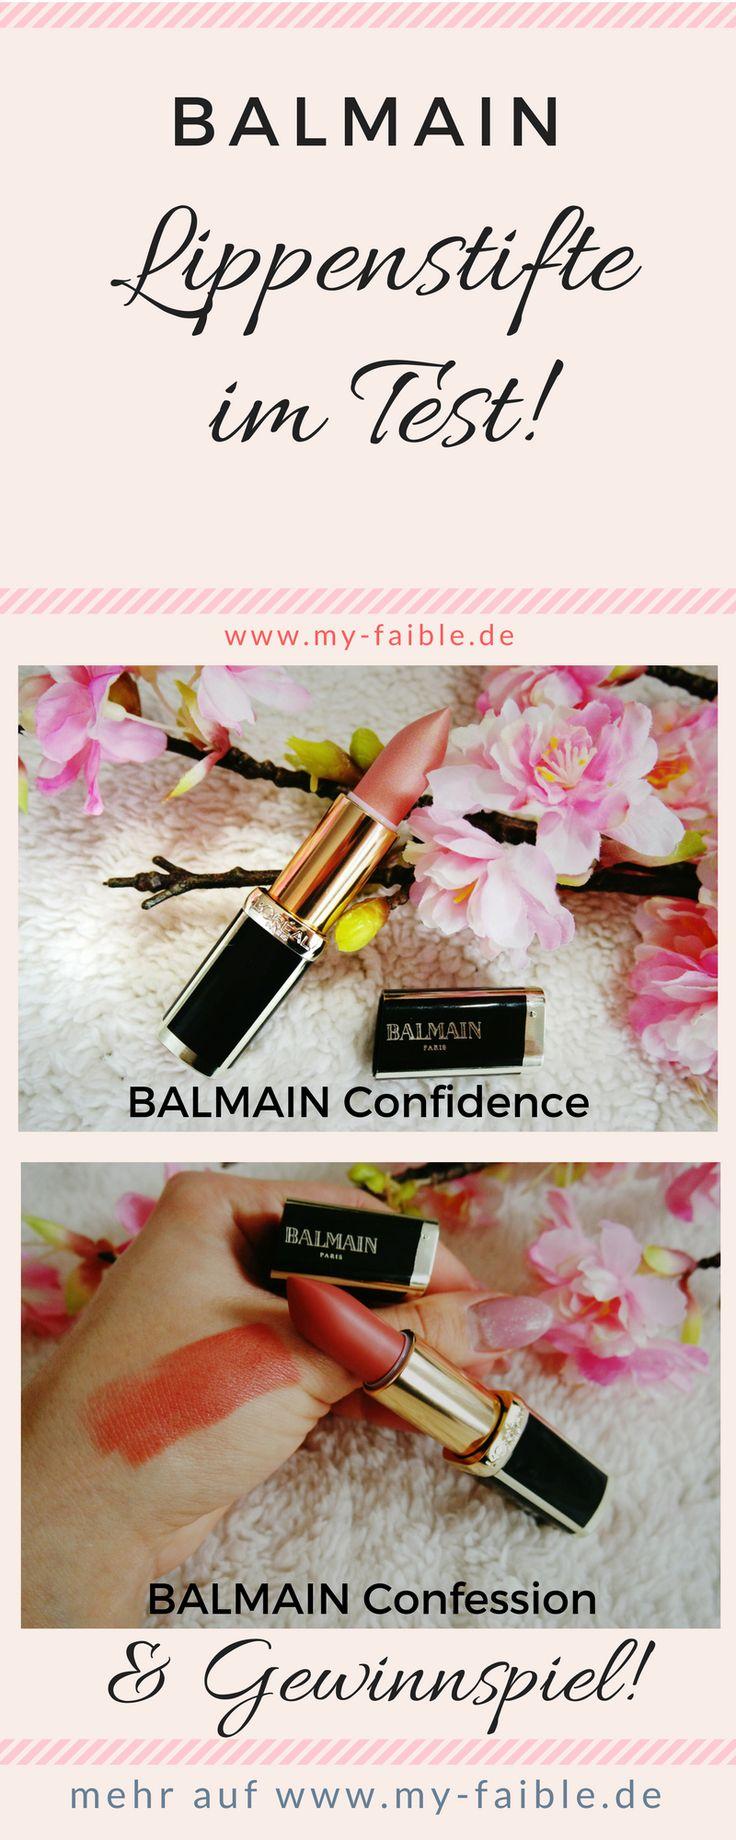 Balmain Lippenstift, Lippenstifte Swatch, Tragebild, #balmain  #balmainxloreal #lippenstift #lipstick #lippenstifte #lipsticks #beauty #beautyblog #beautyblogger #gewinnspiel #verlosung #review #erfahrungen #beautyblogger